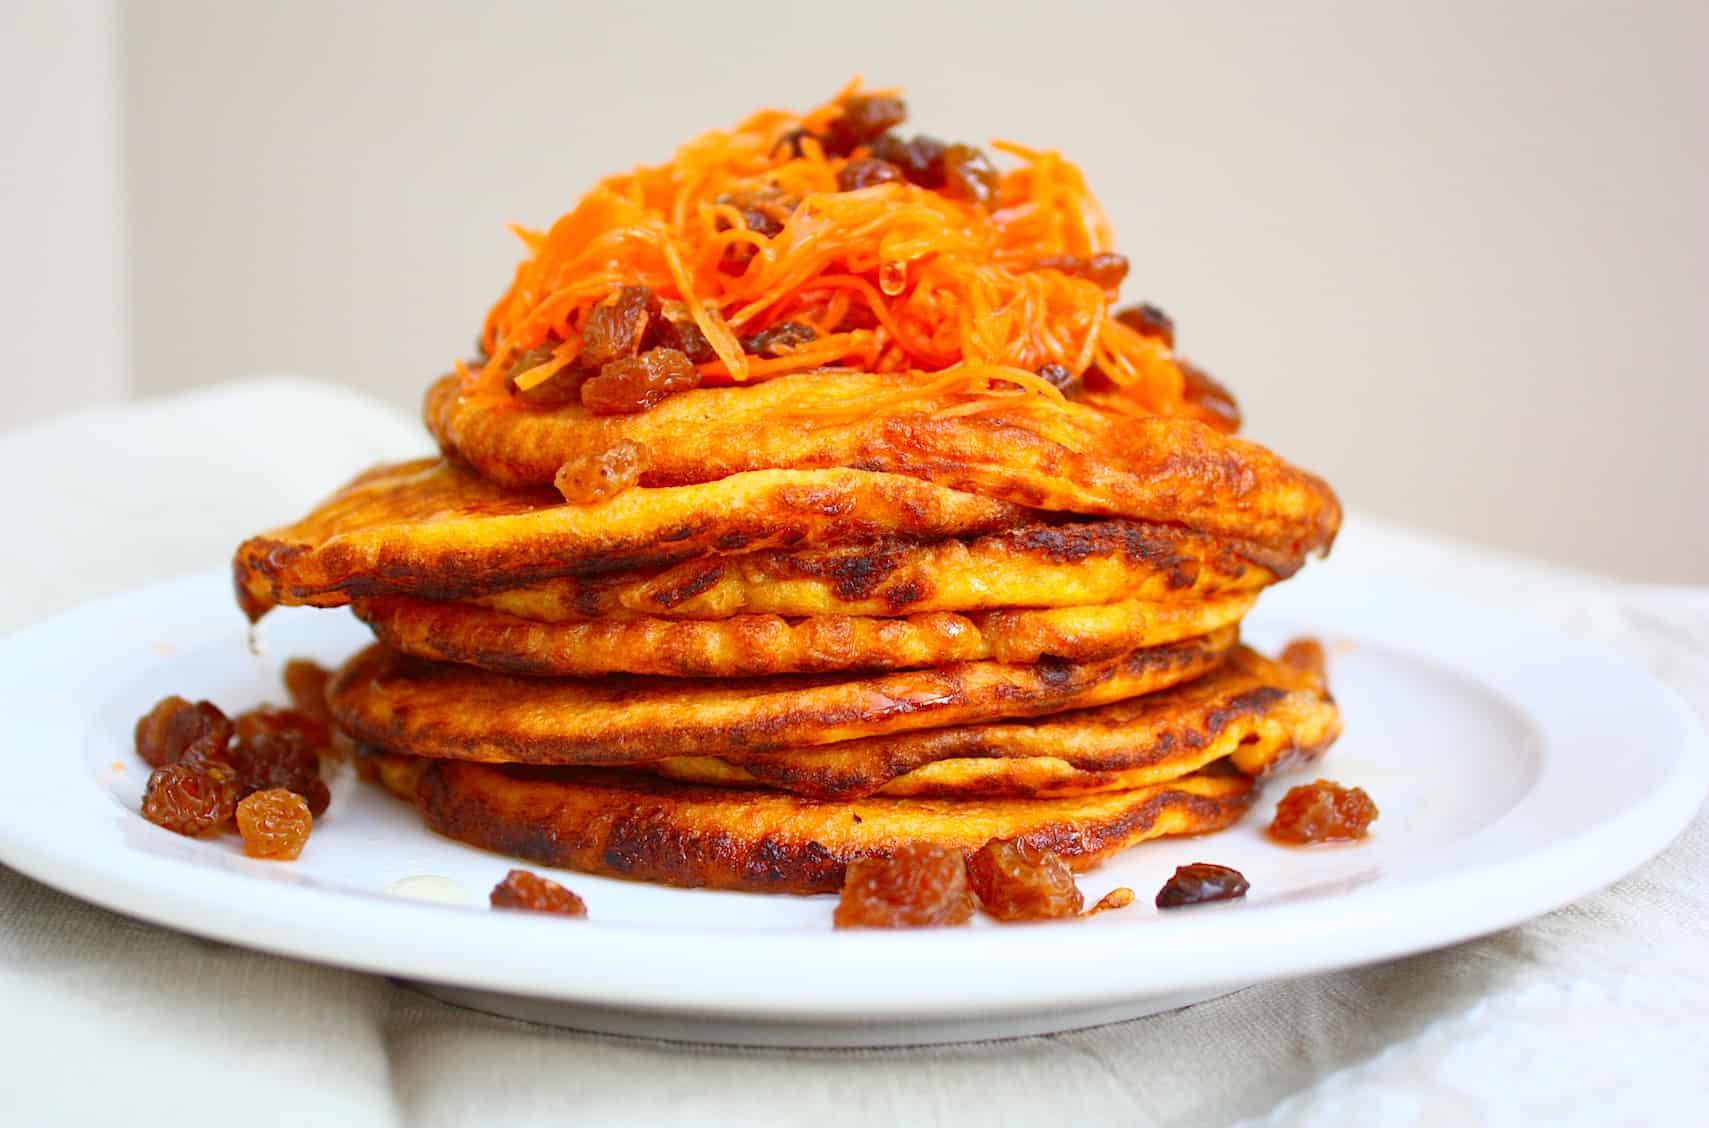 mag-ik-nog-een-hapje-zoete-aardappel-pannenkoeken-2